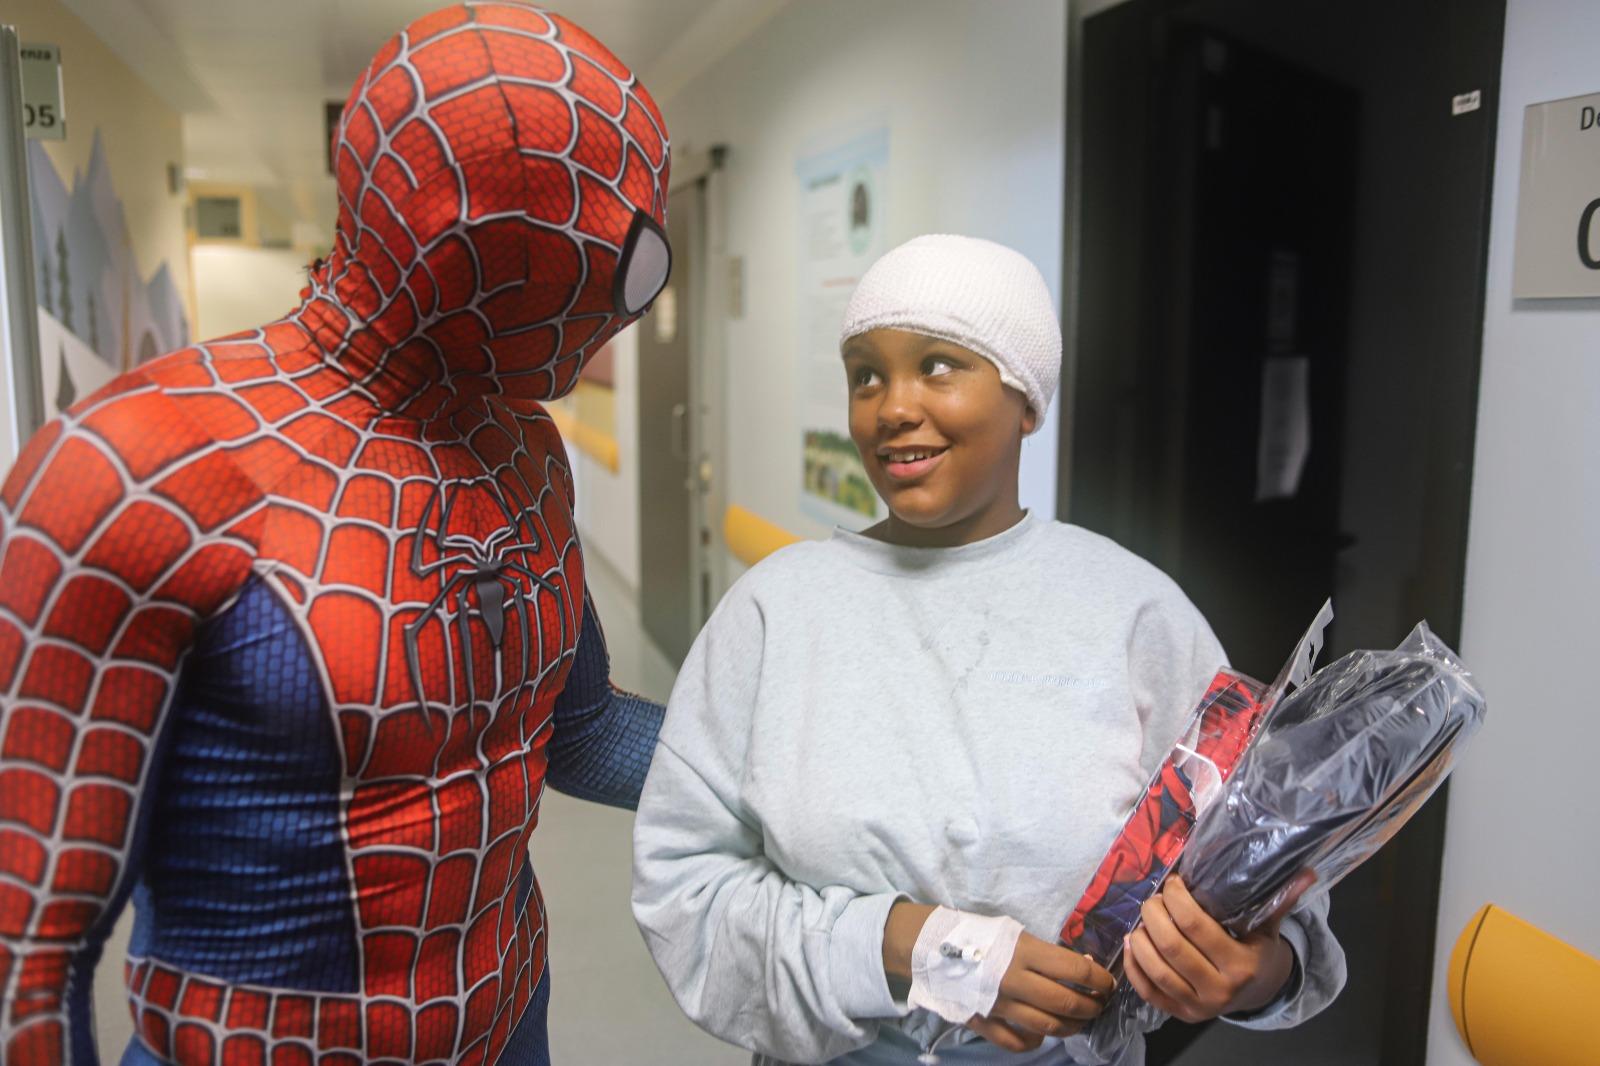 MediCinema Italia e Grande Ospedale Metropolitano Niguarda portano Spiderman nel reparto di pediatria